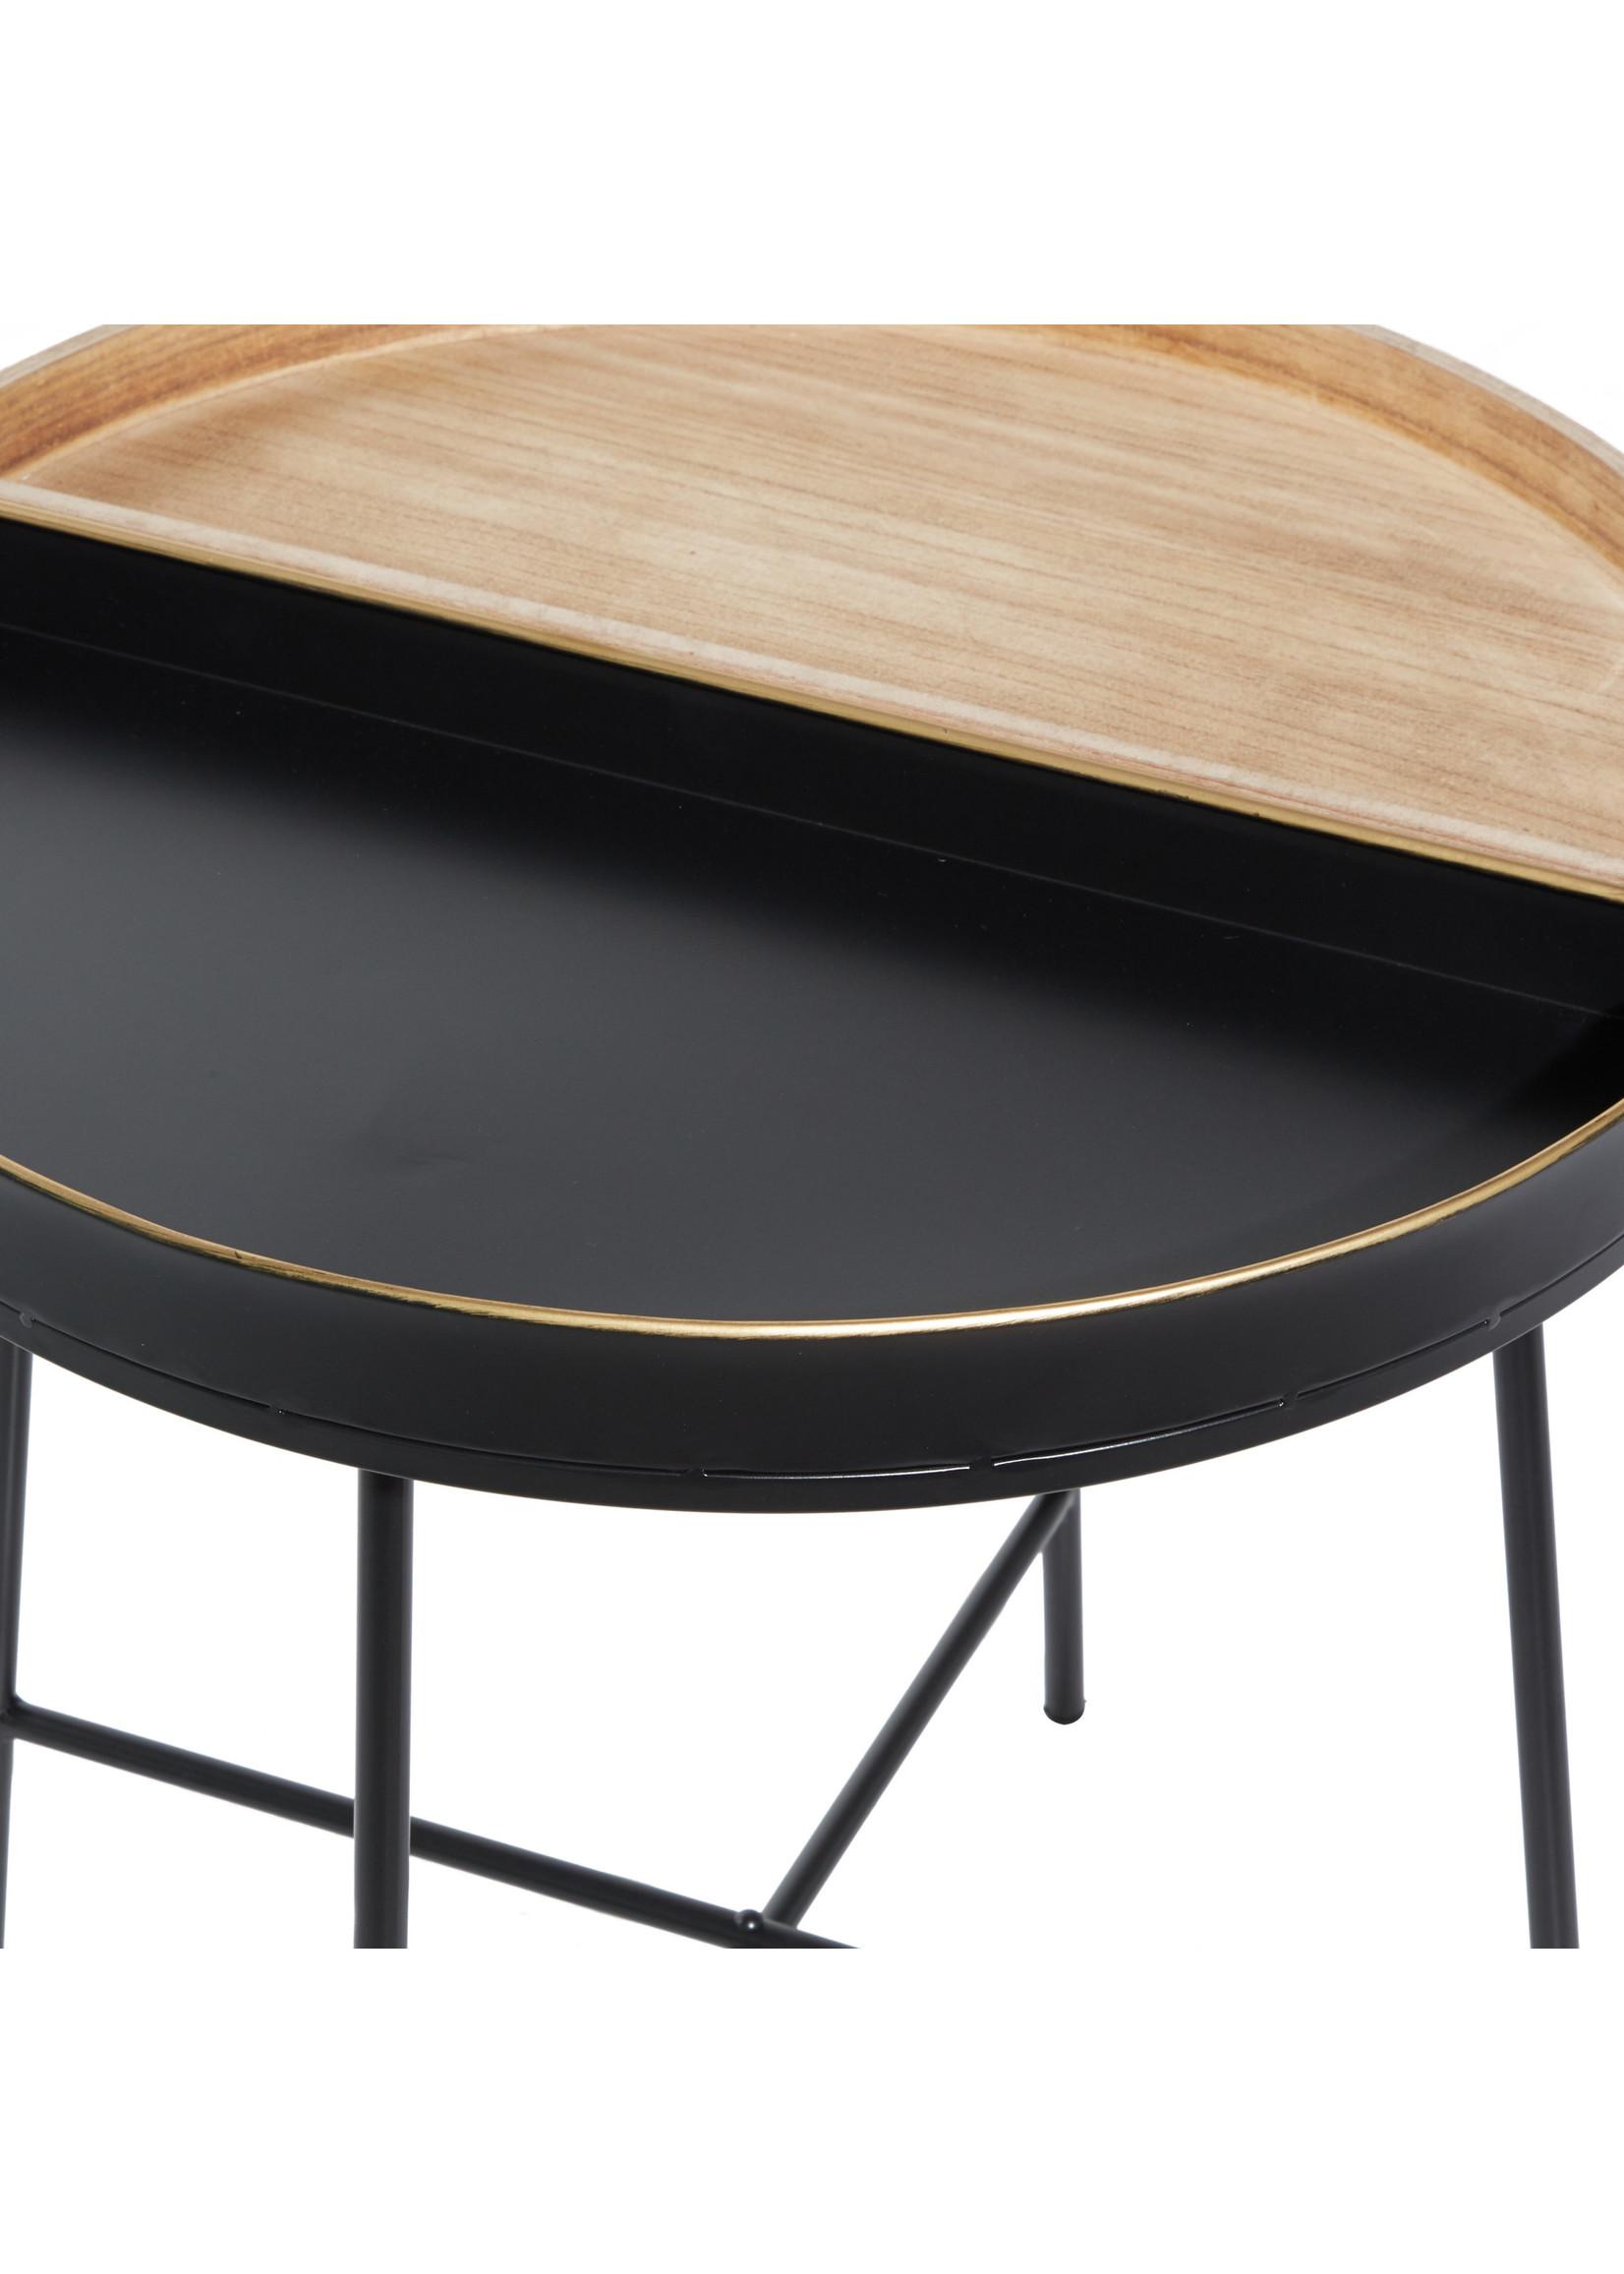 UMA Enterprises Metal Wood Side Table